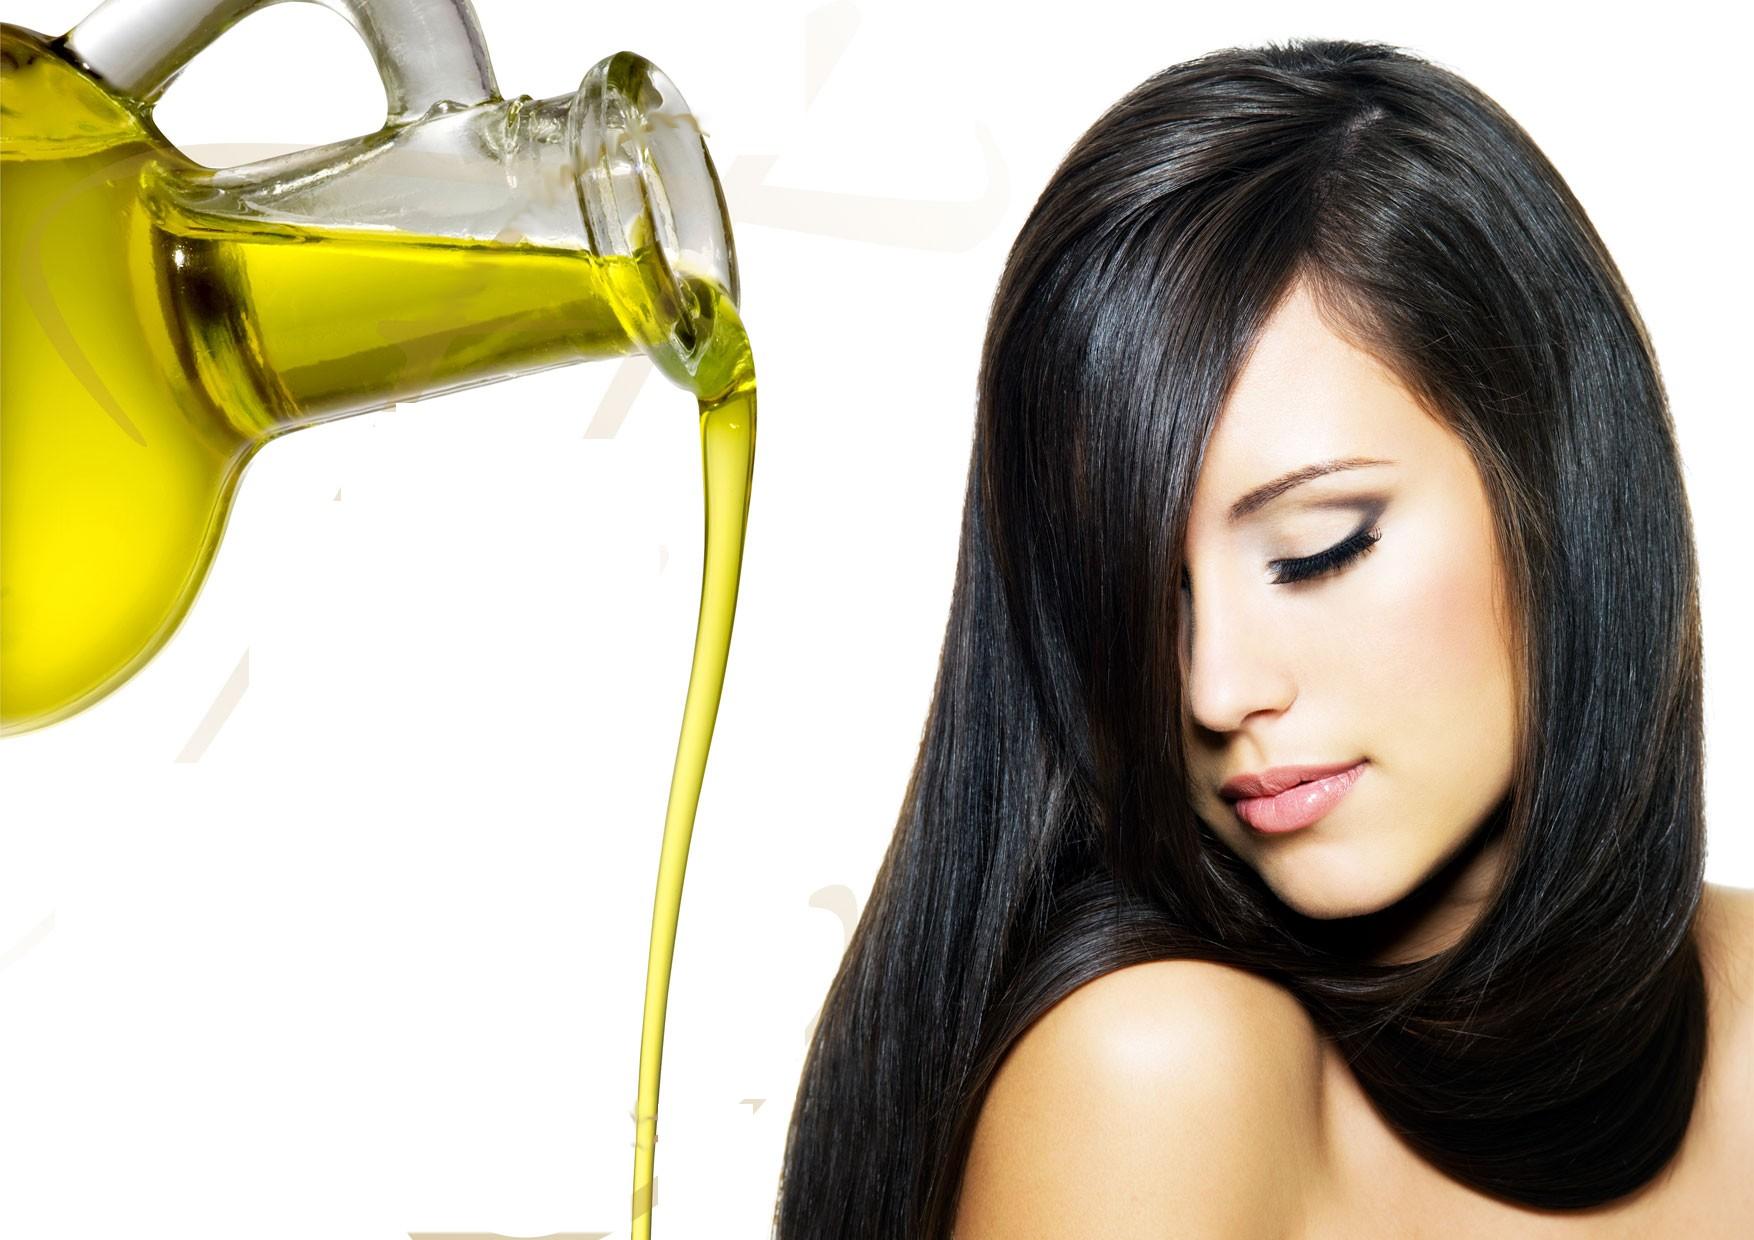 pranje kose ricinusovim uljem